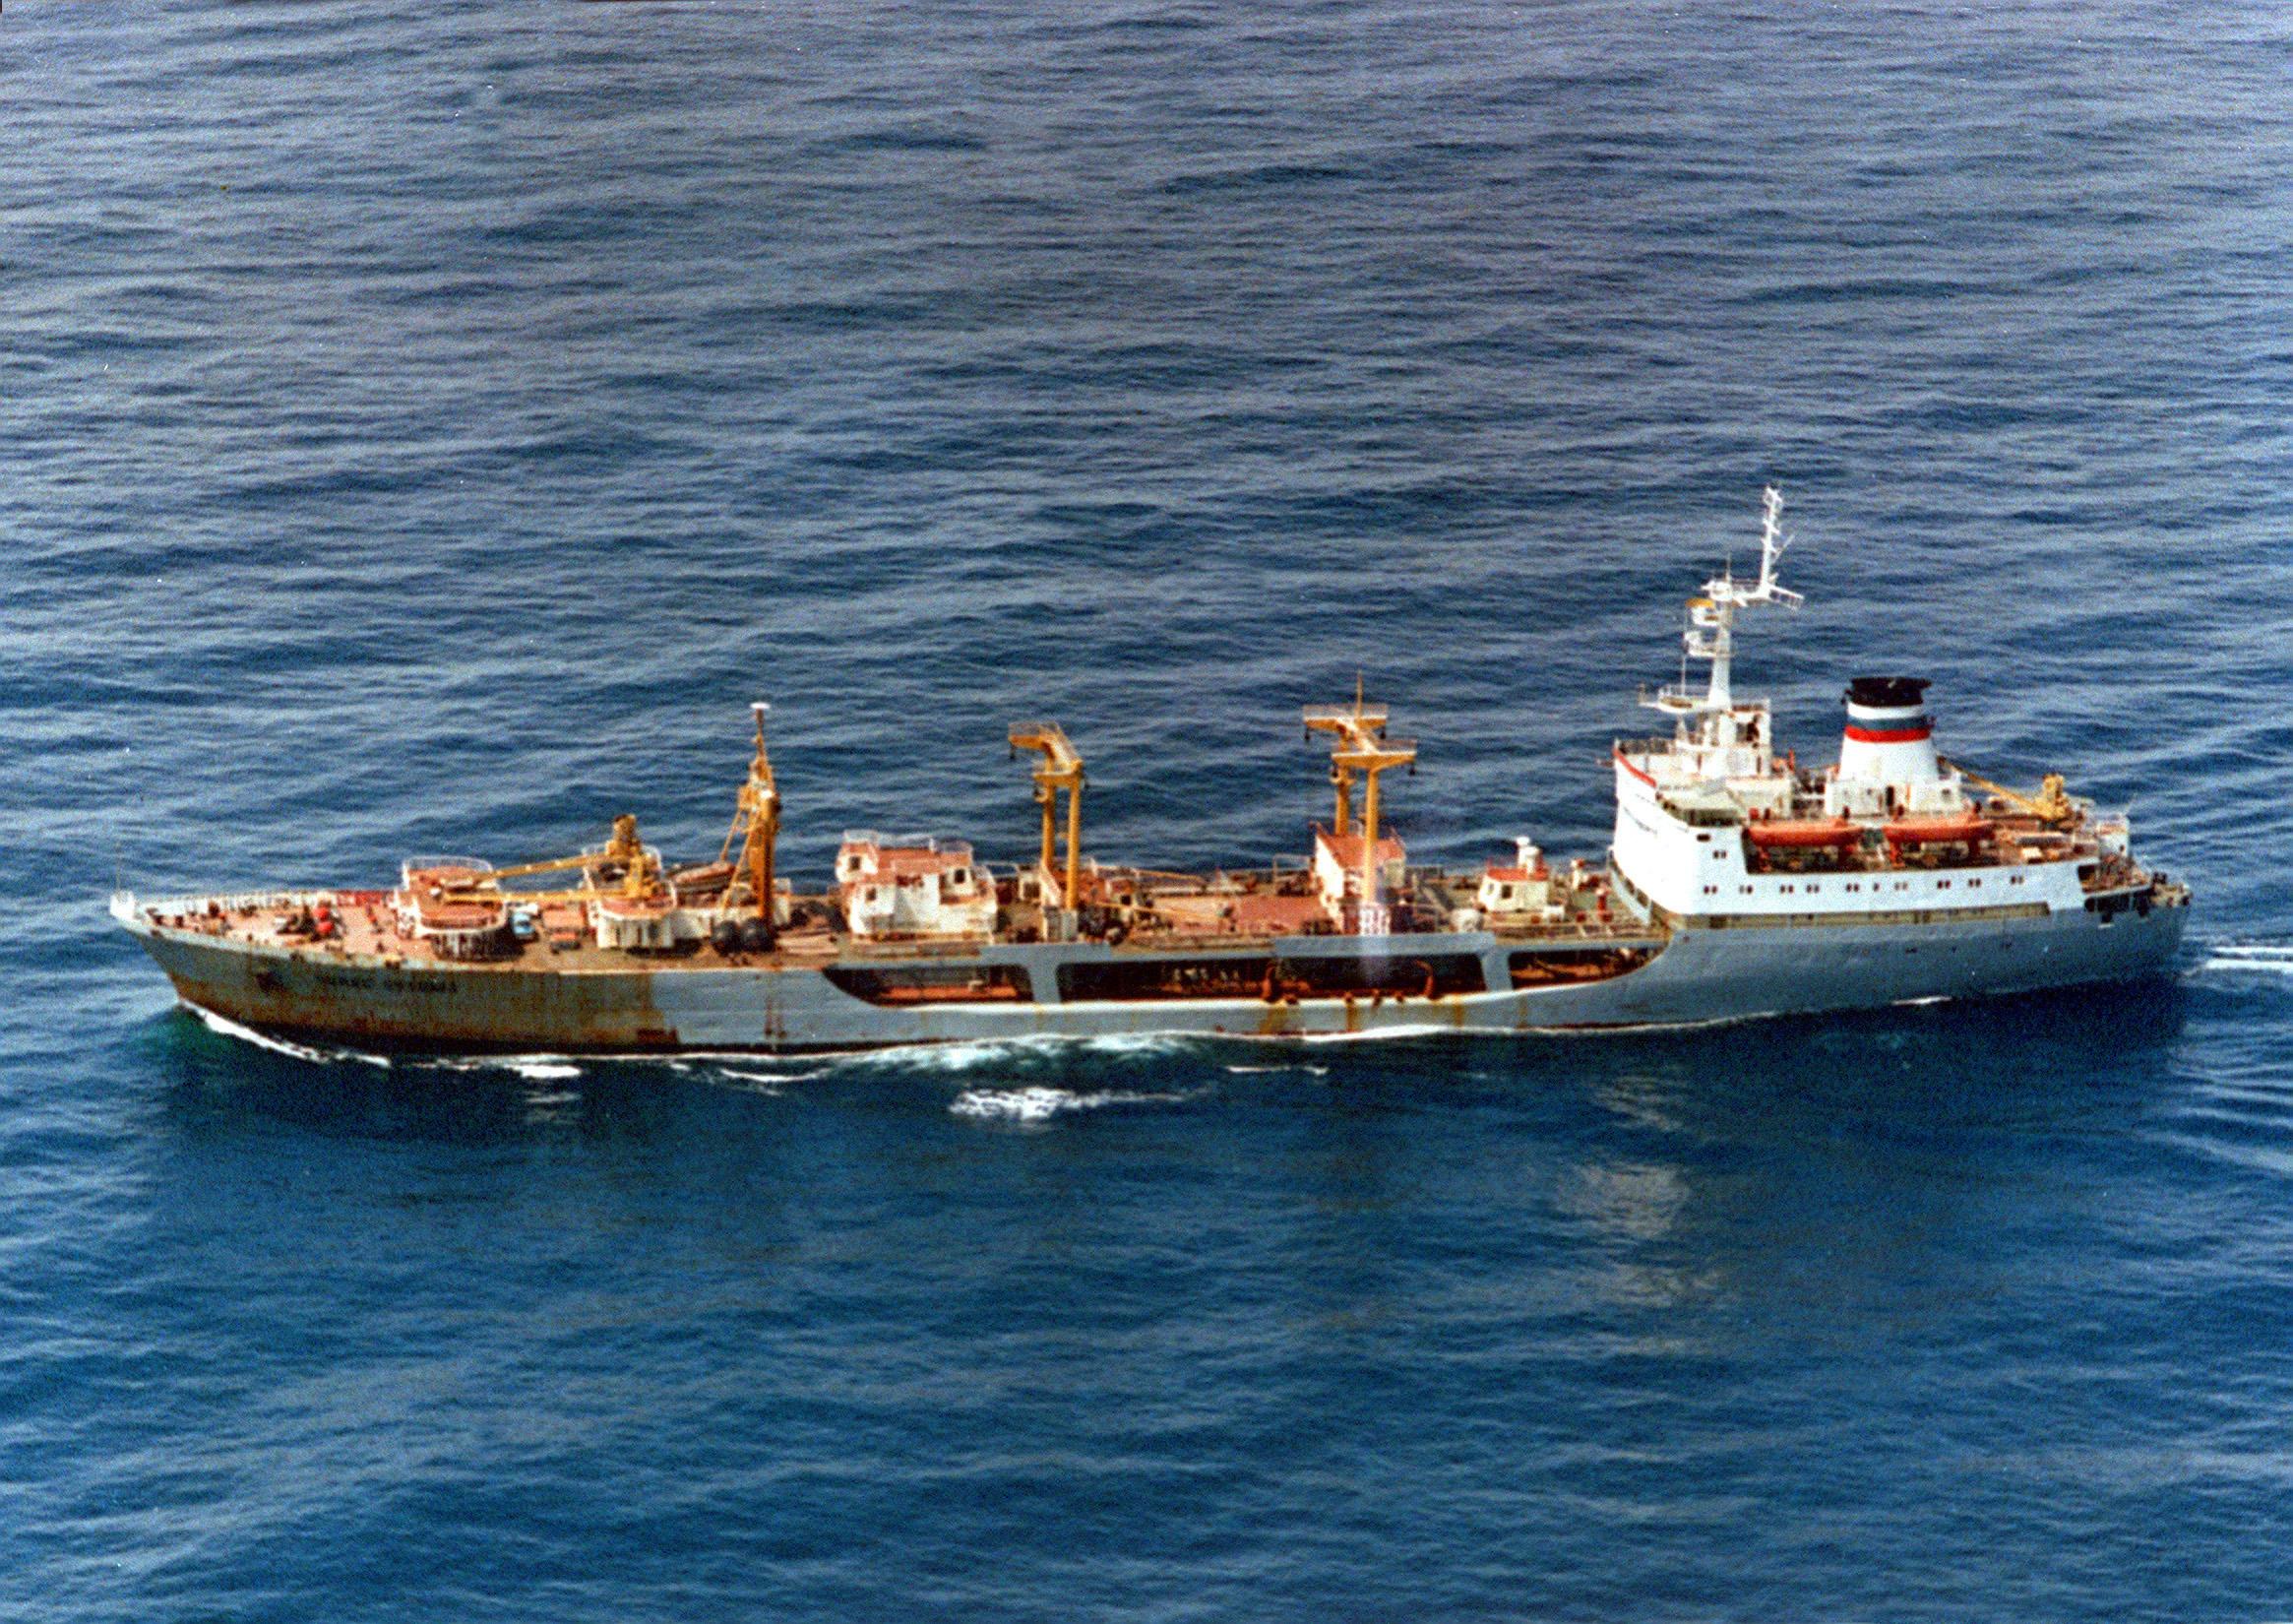 динозаврами всем, фото экипажа танкера борис чиликин комсомольской правды узнала